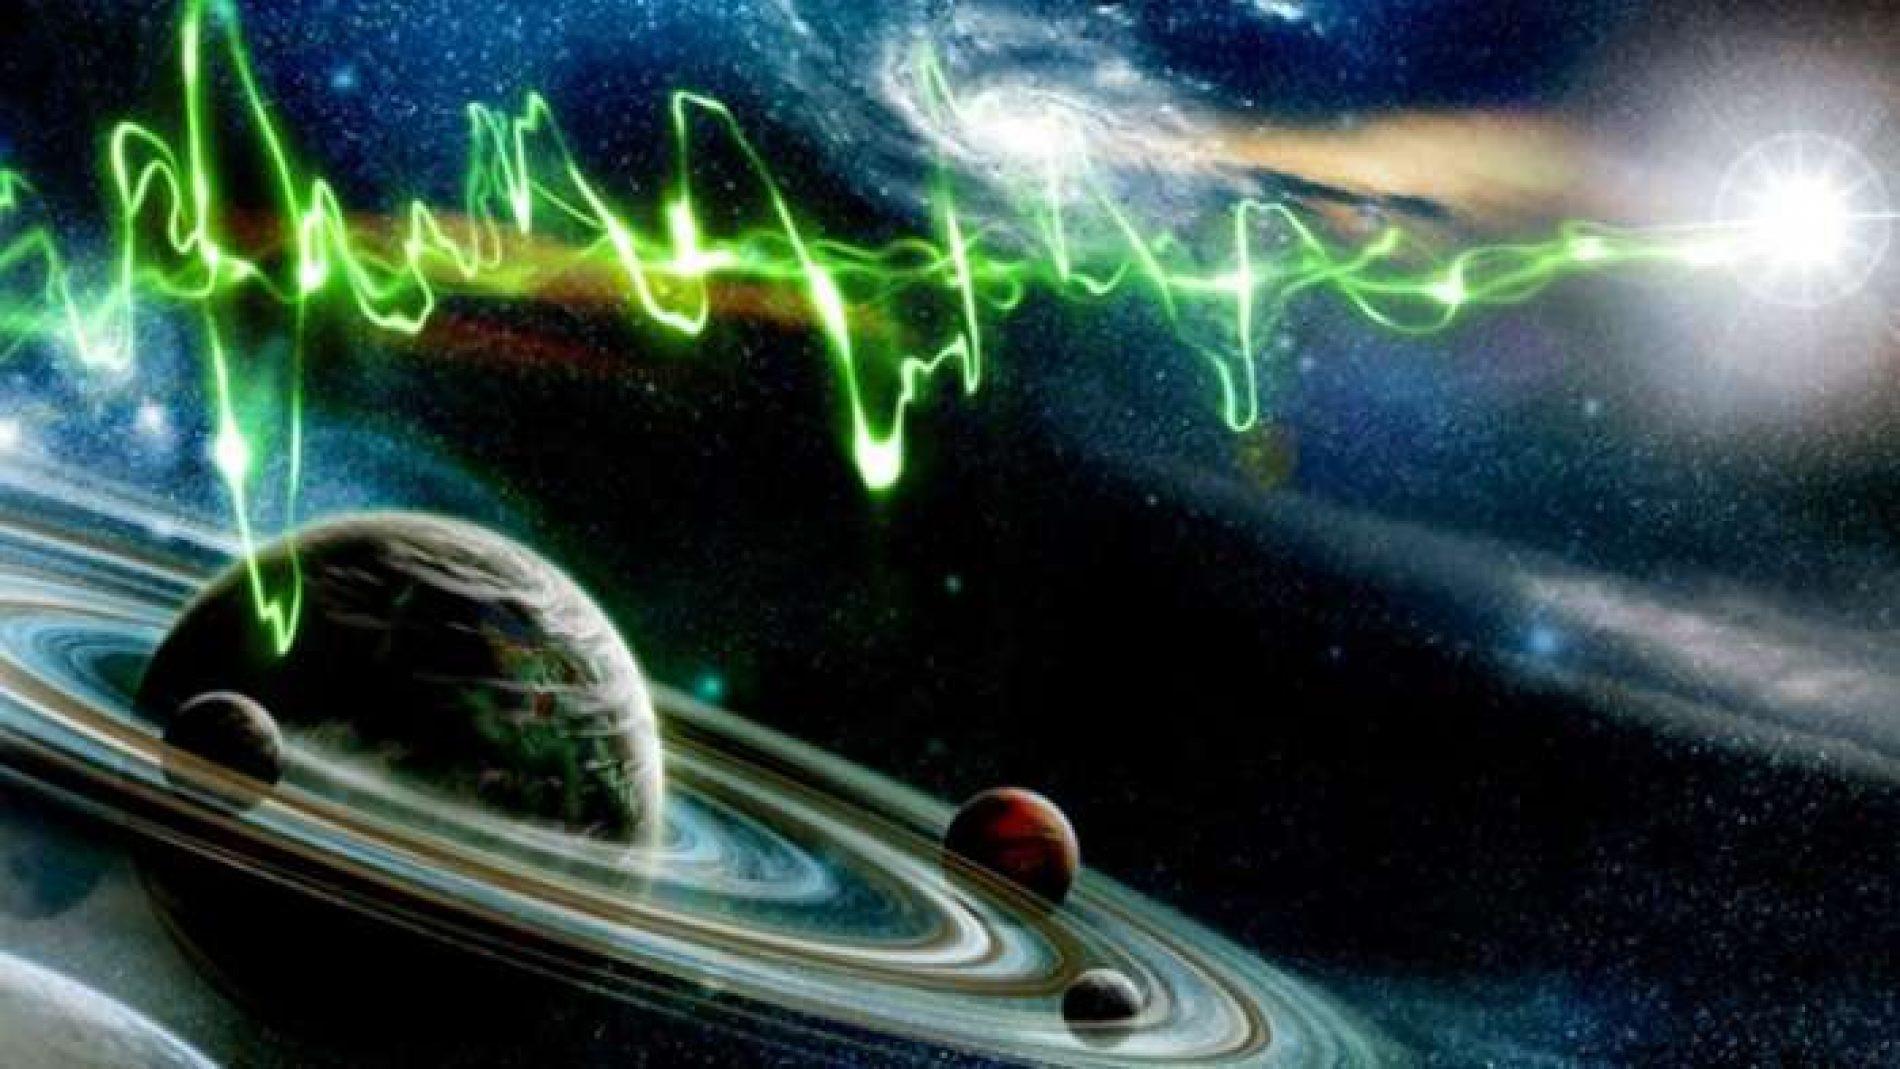 Ученые: Электромагнитные волны вкосмосе звучат как «инопланетные птицы»